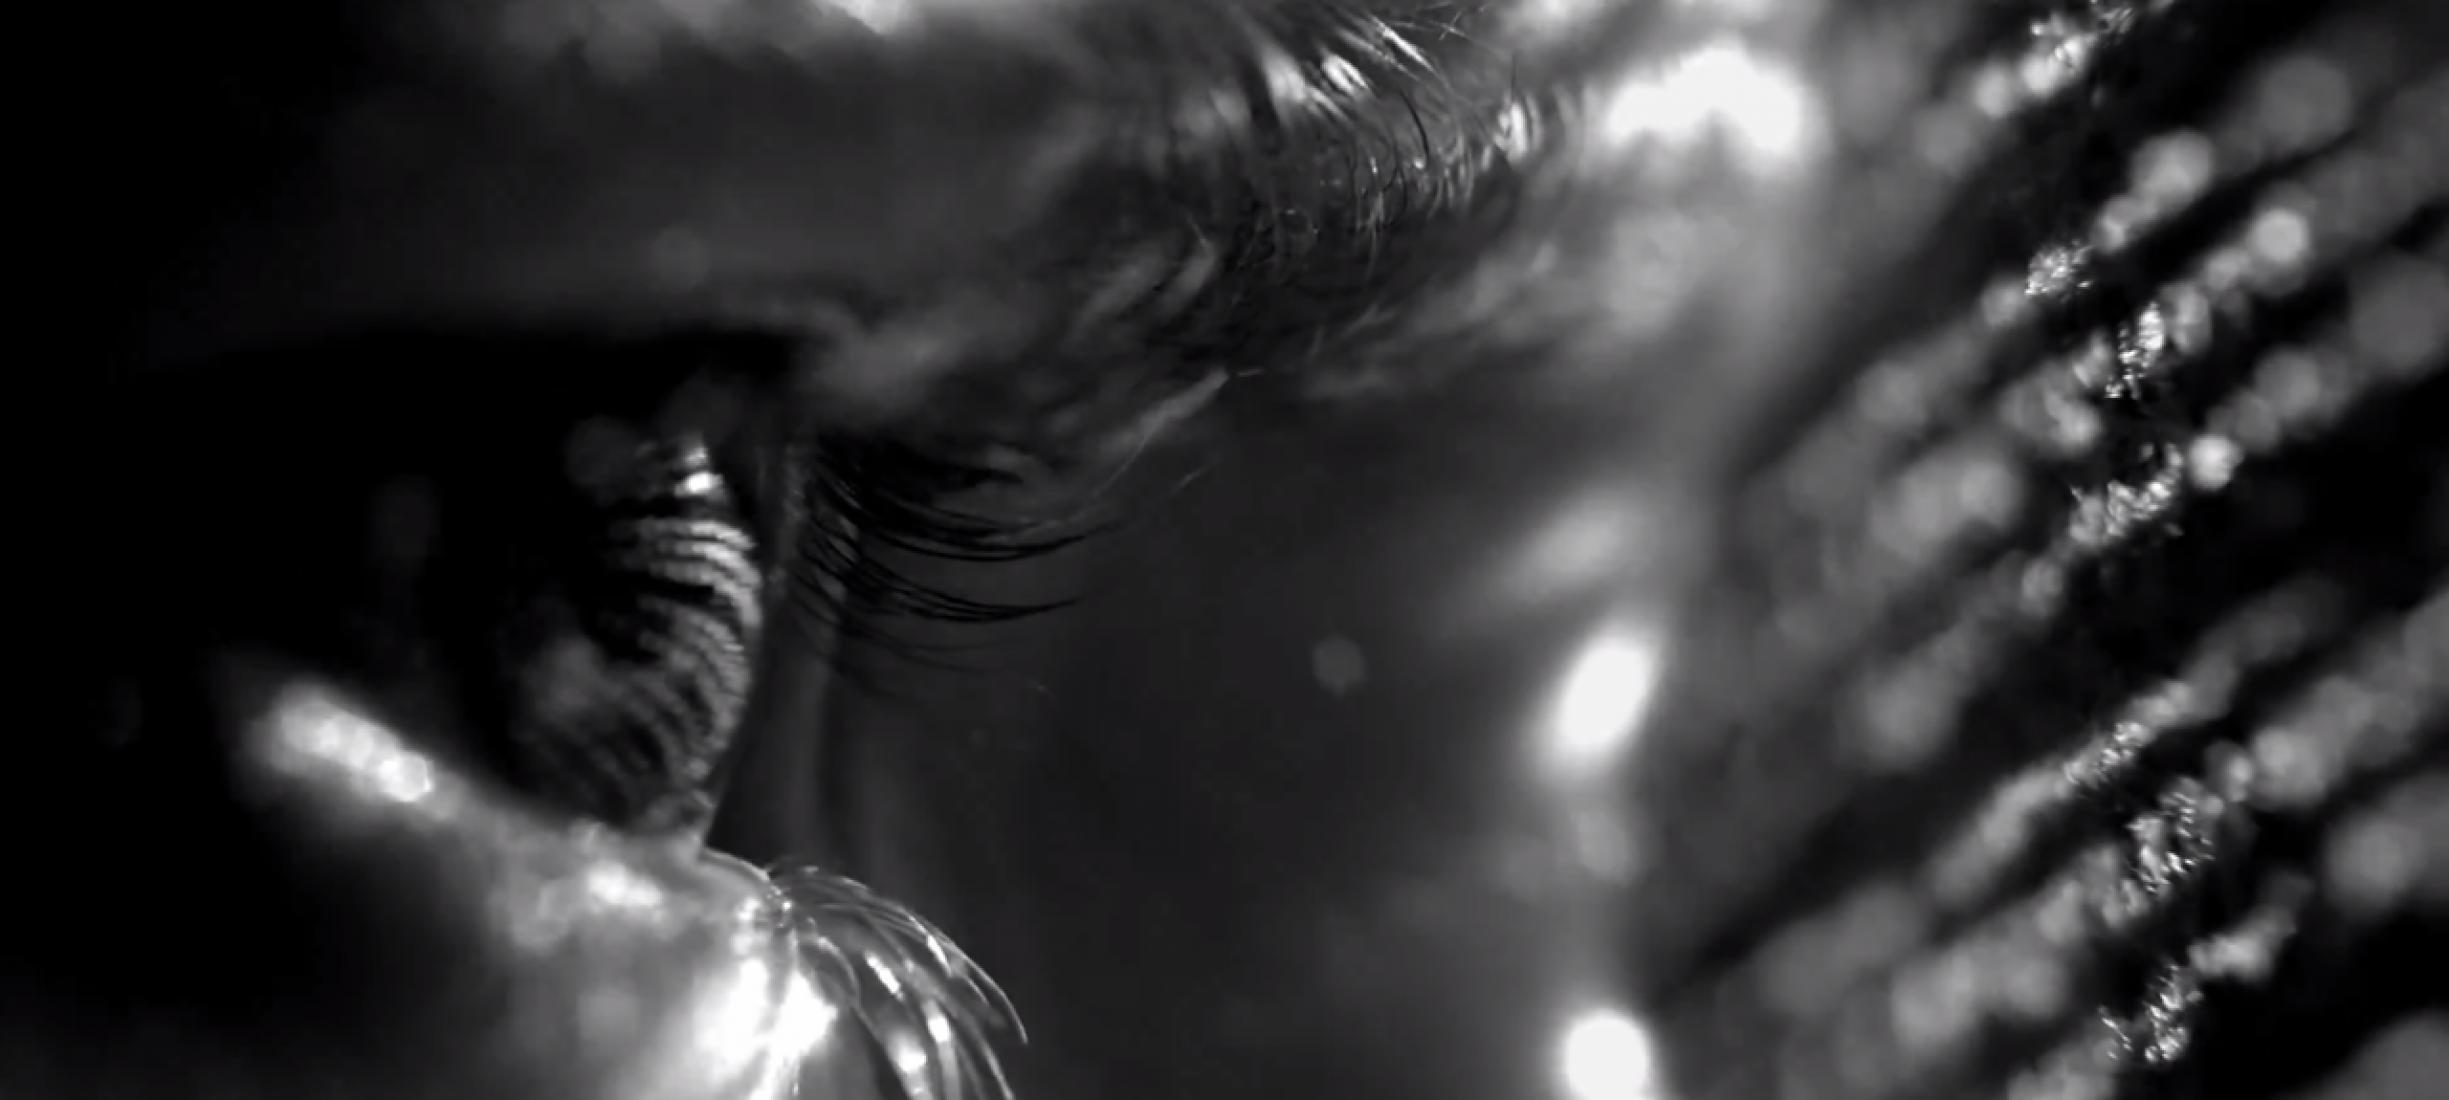 KCPK, ''BetterKCPK, ''Better Love'' video screen shot, photo by Mathieu Cesar.  Love'' video screen shot, photo by Mathieu Cesar